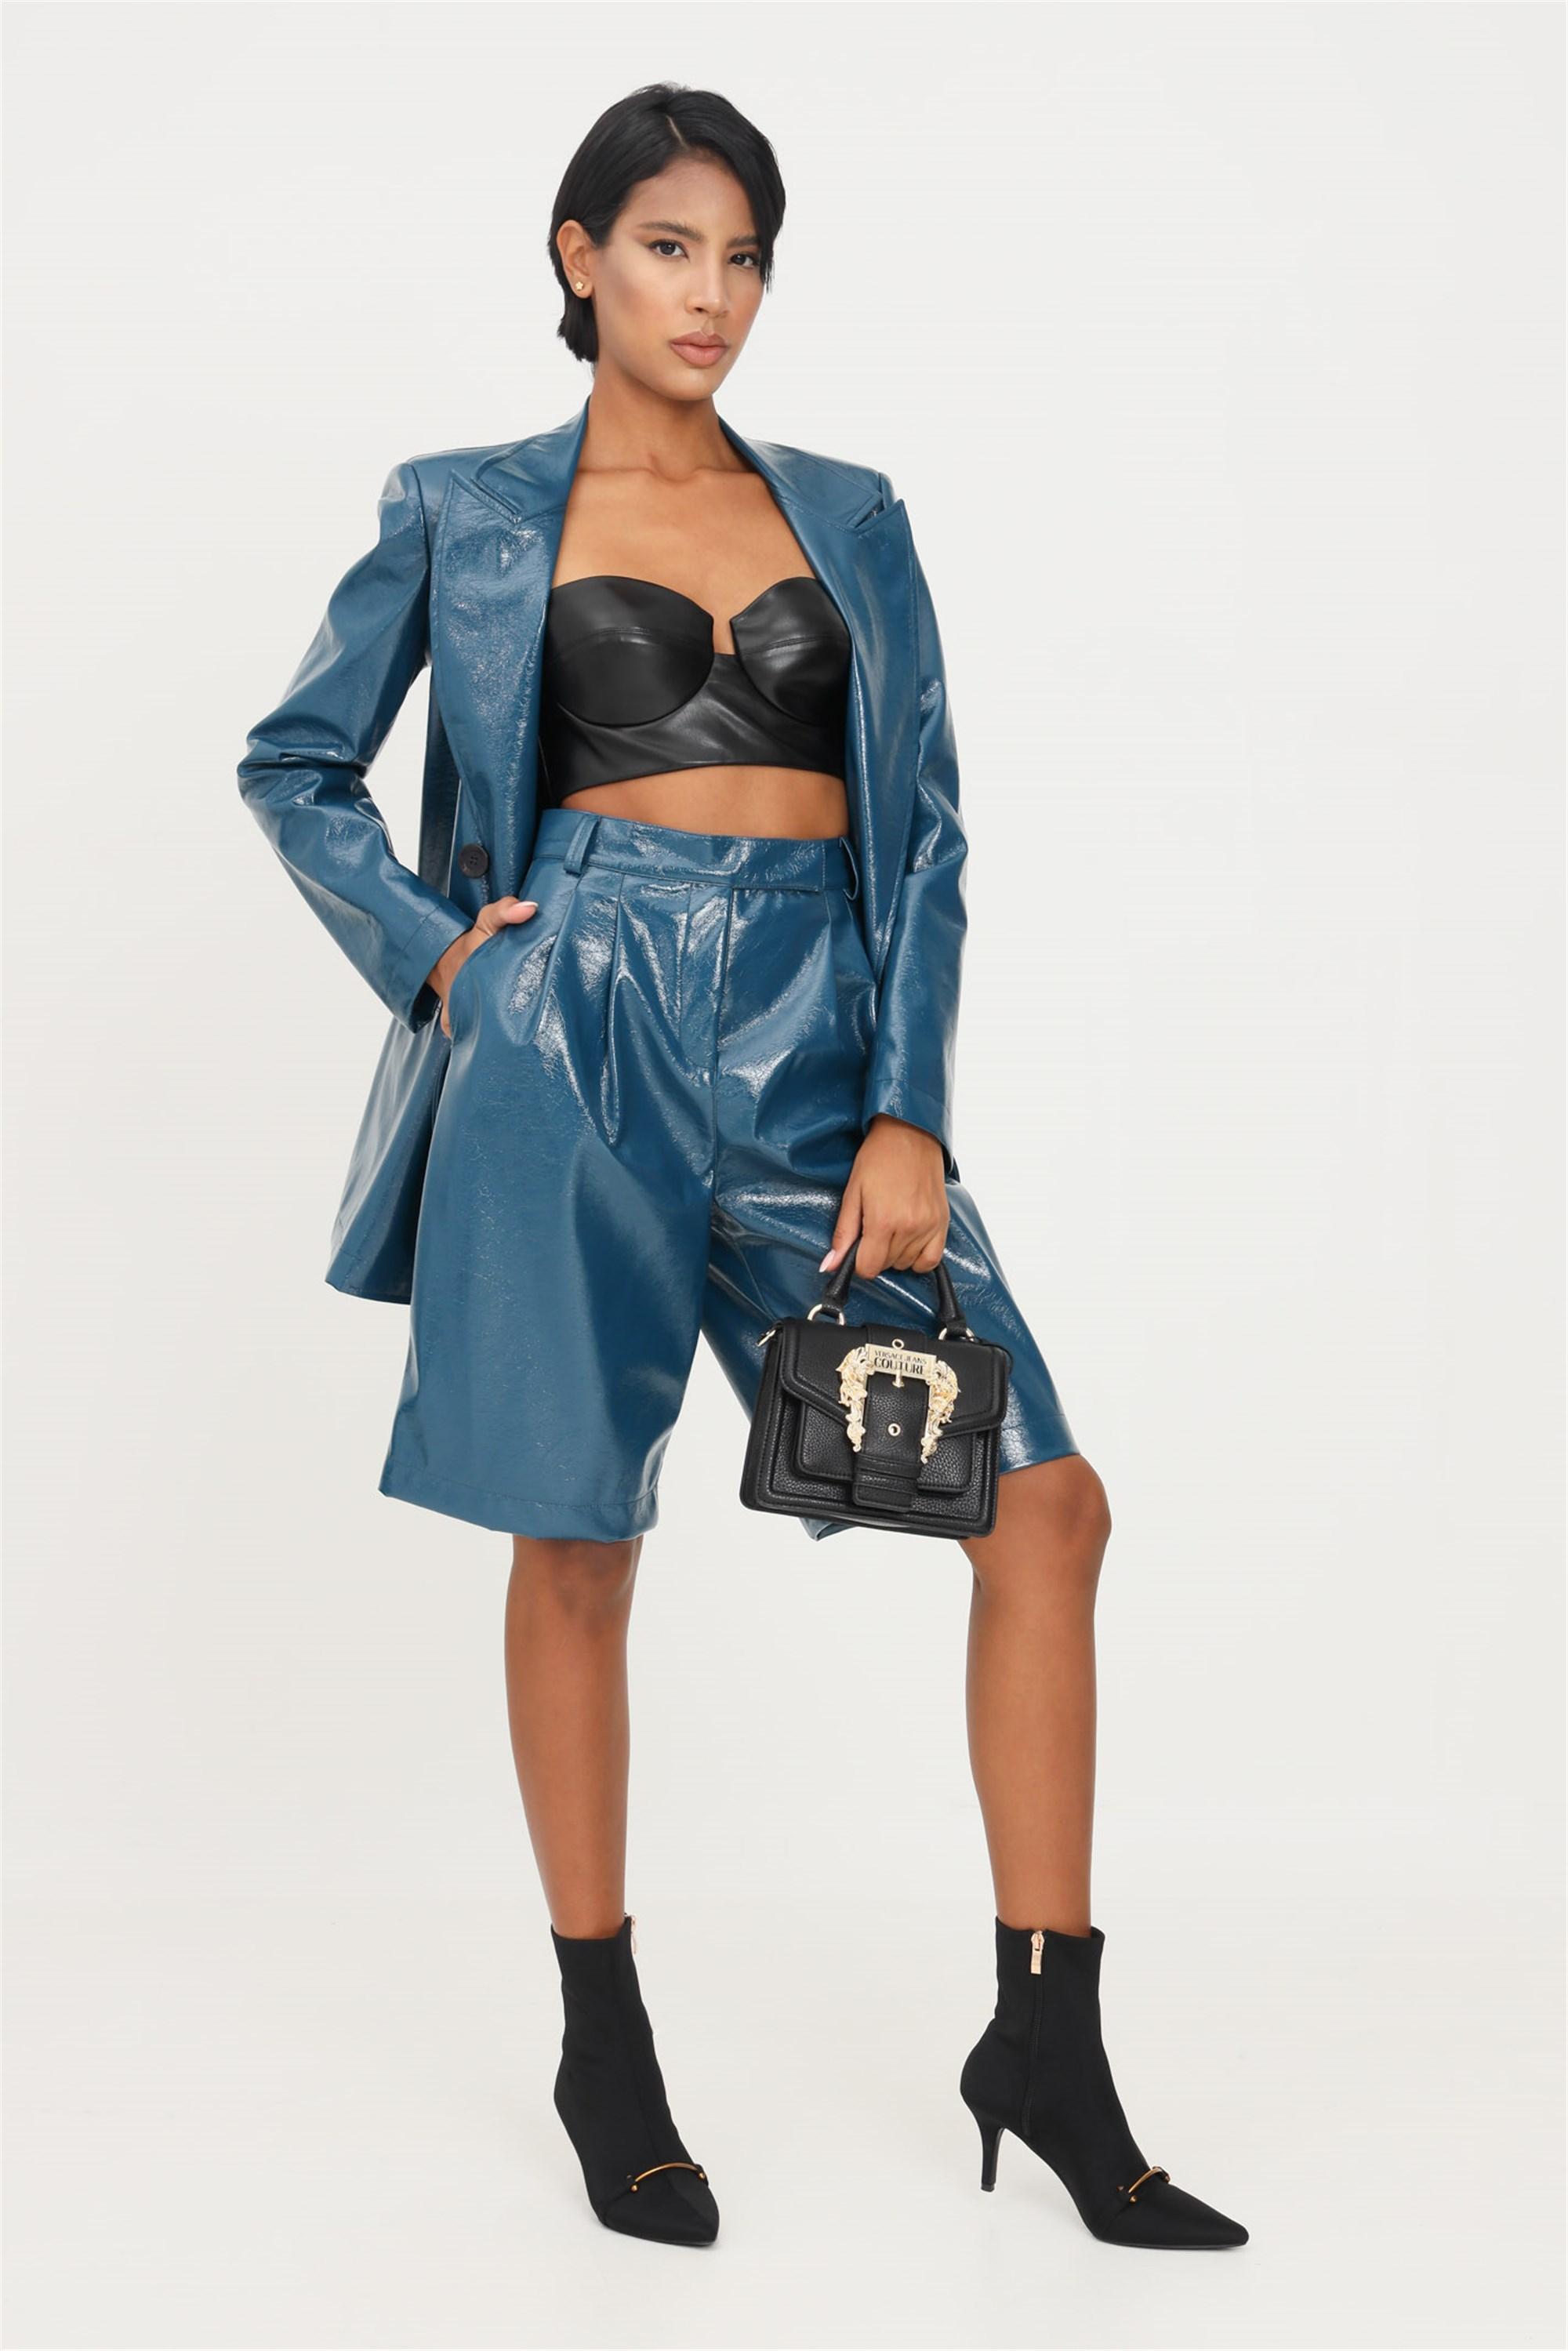 matilde couture Shorts Unisex teal günstig online kaufen